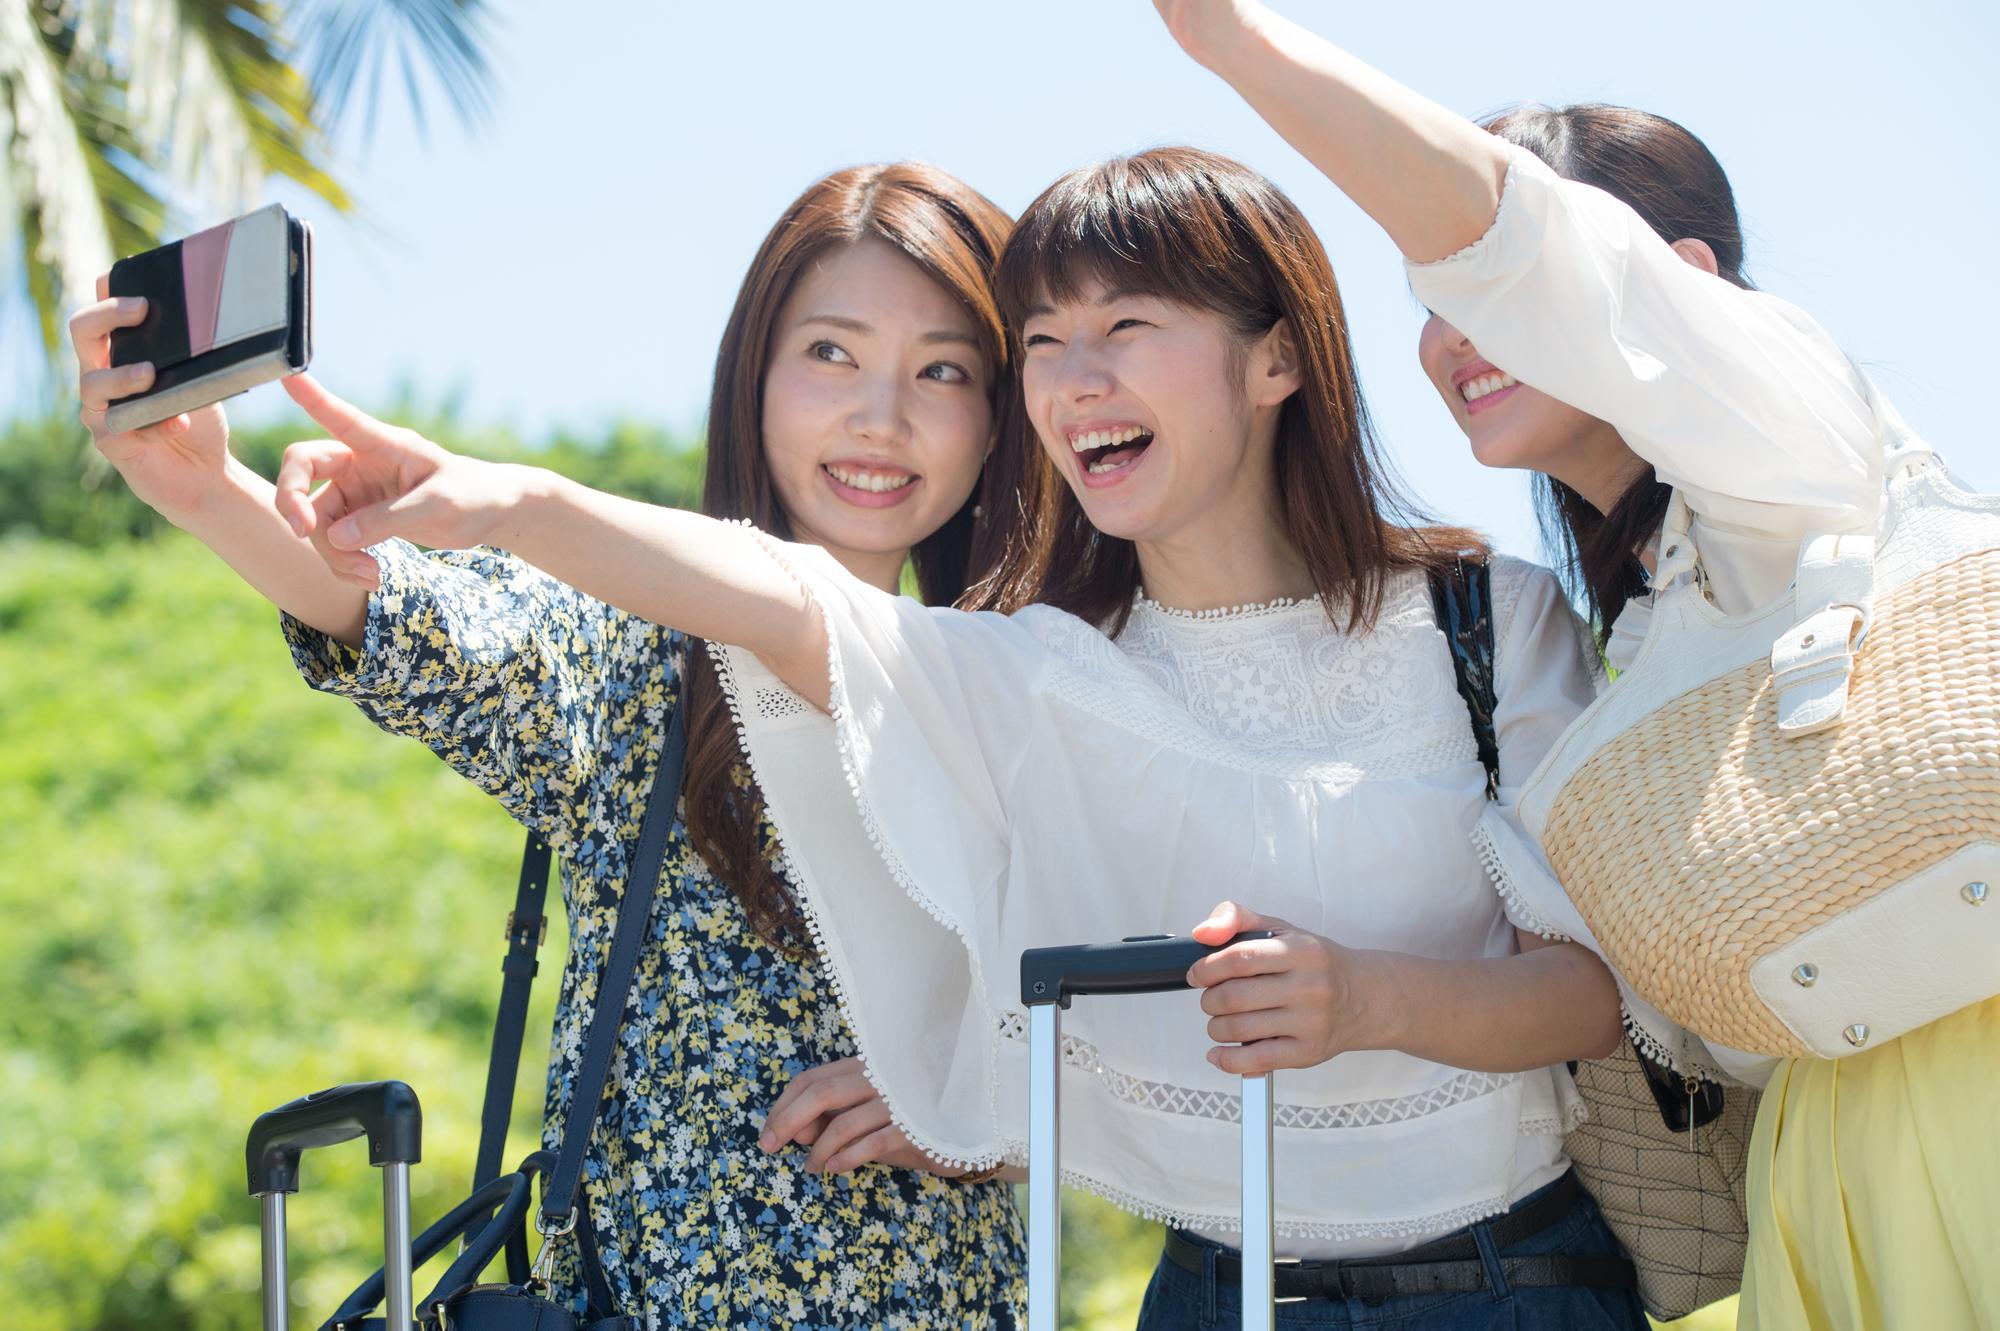 ユーザーの口コミ力が郷土の魅力を爆発的に拡散する